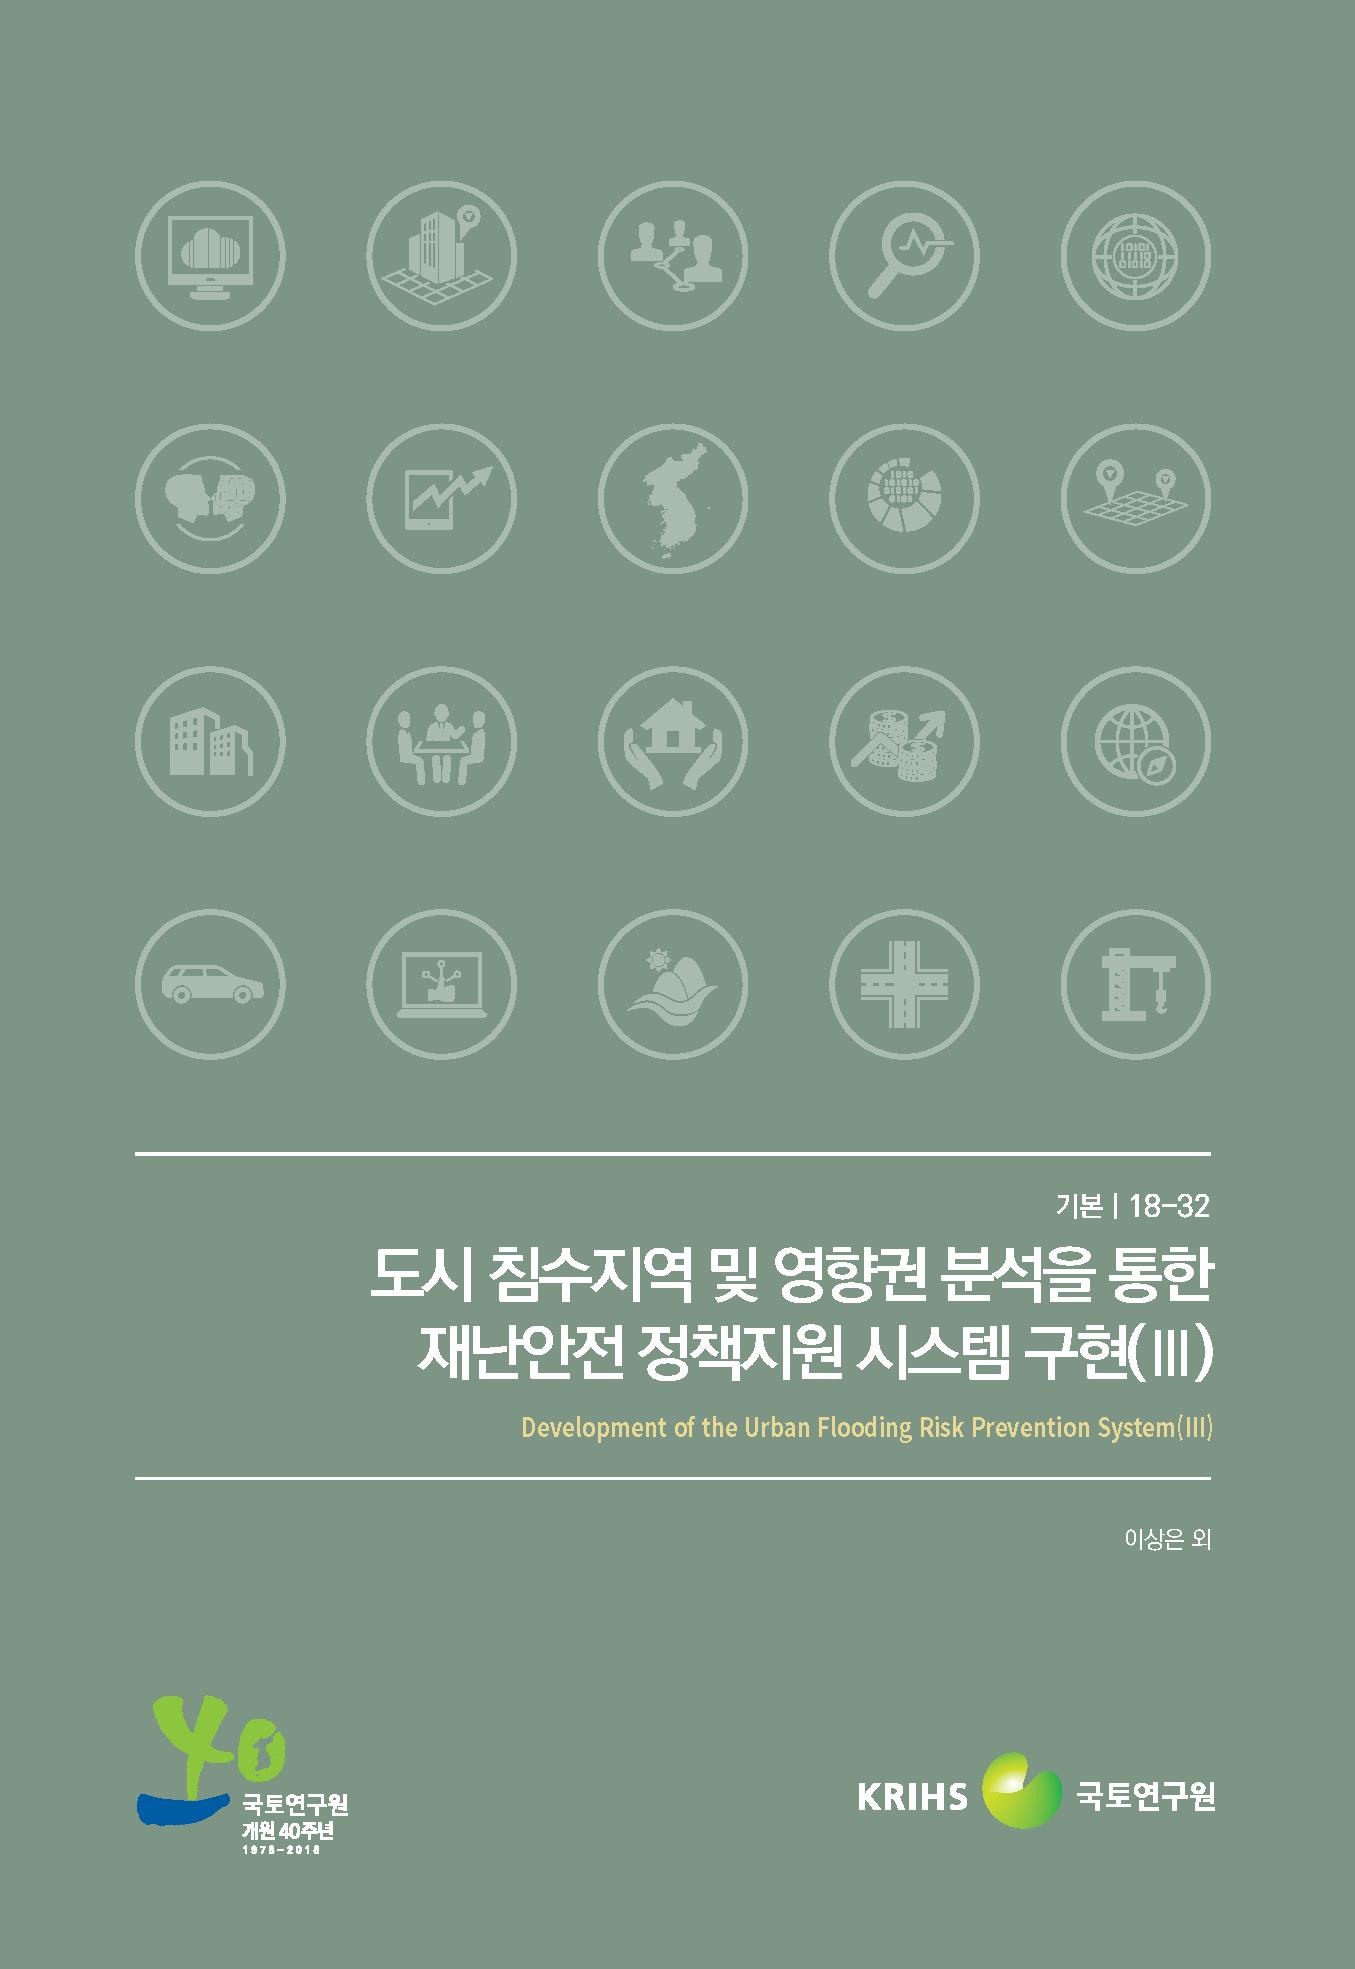 도시 침수지역 및 영향권 분석을 통한 재난안전 정책지원 시스템 구현(Ⅲ)